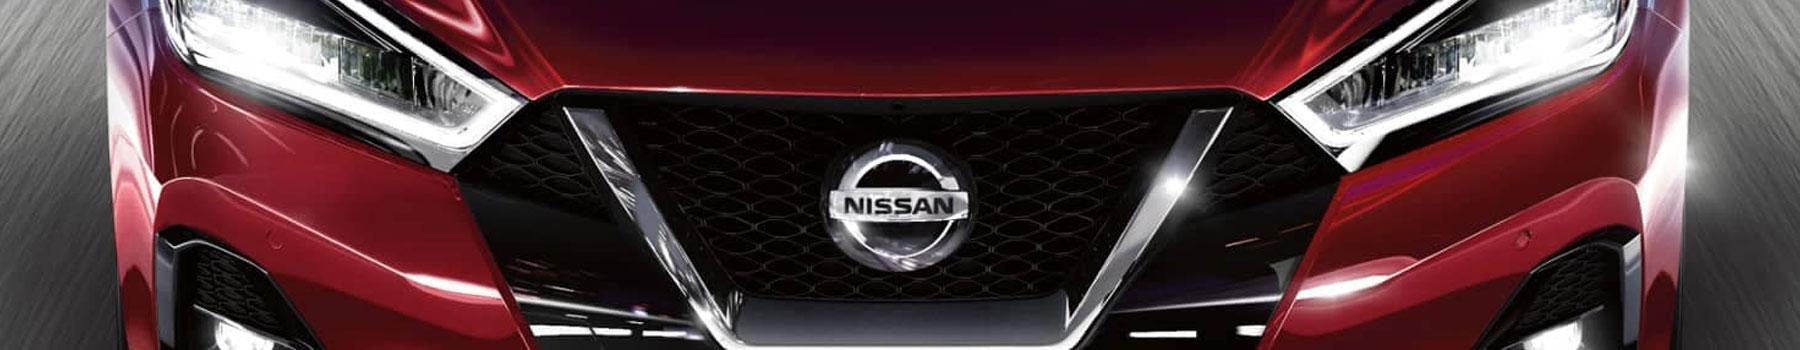 Shop OEM Nissan Touch Up Paint